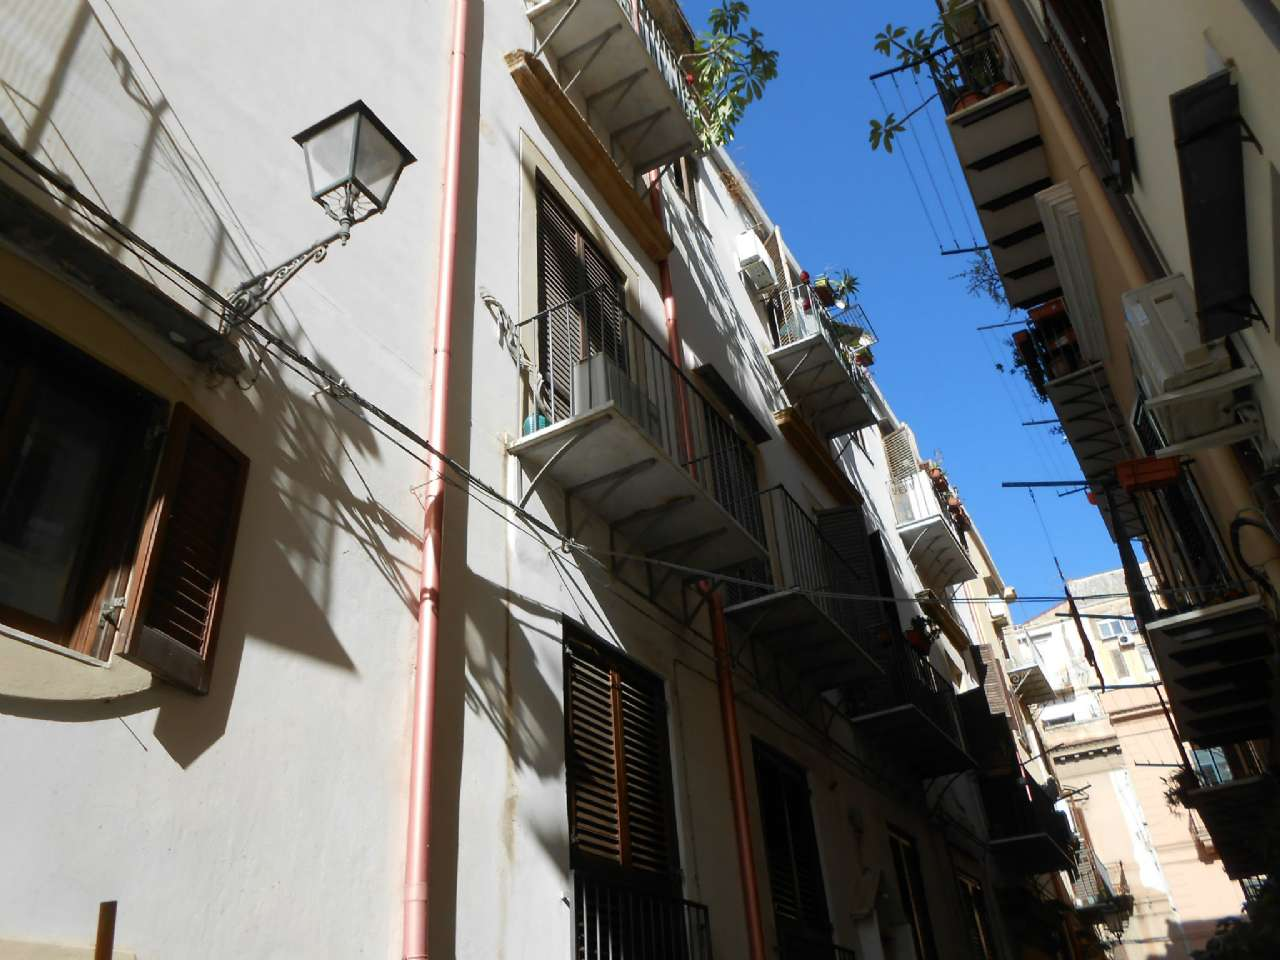 Trilocale, Vicolo del Capraio, centro storico, Palermo, foto 18